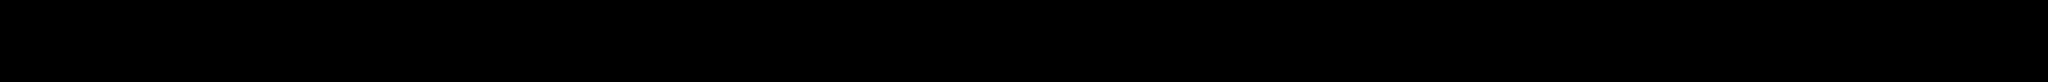 MANN-FILTER 68001297AA, K68001297AA, 1118 184, 1250 679, 510 9147 5 Öljynsuodatin